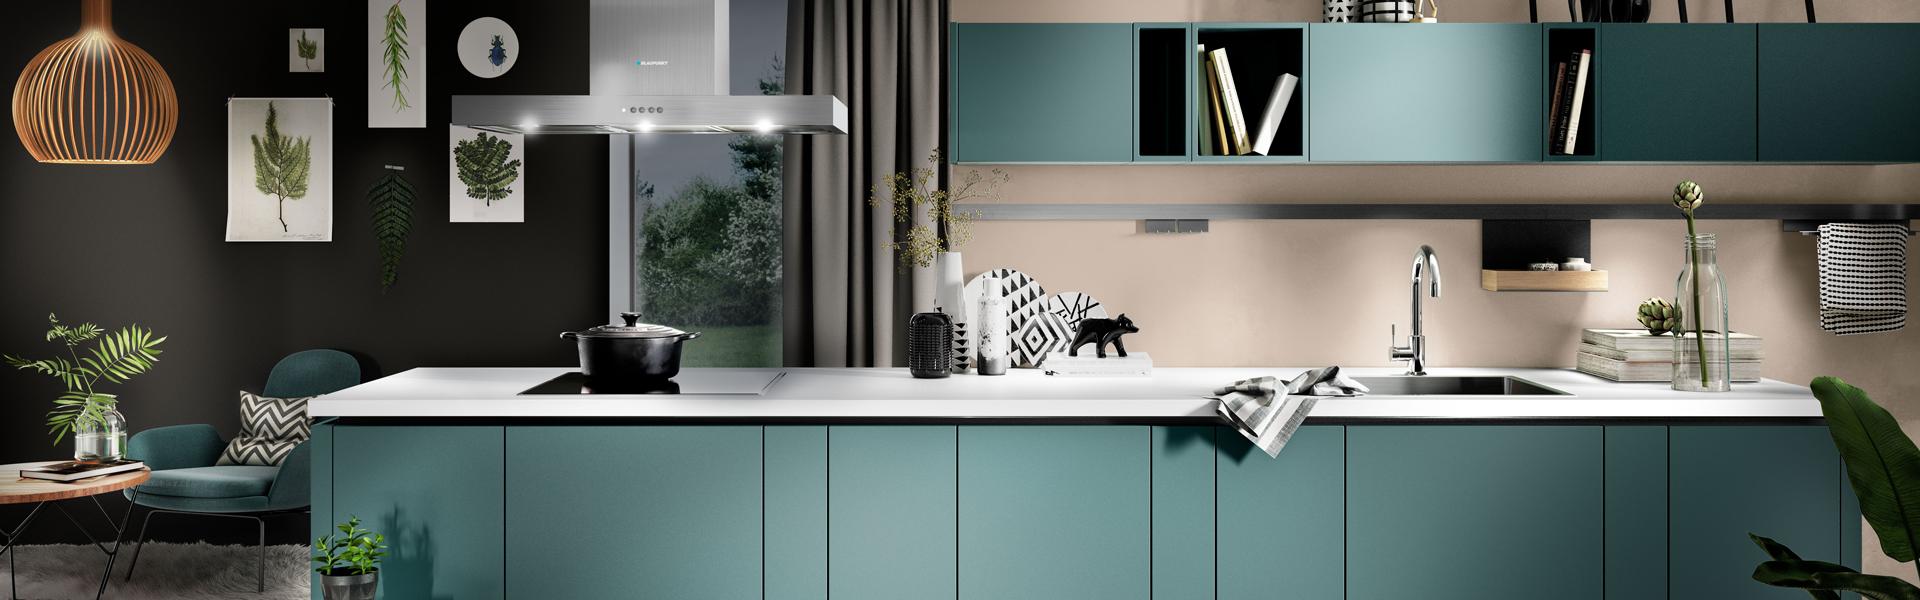 Rechte blauwe keuken | Eigenhuis Keukens